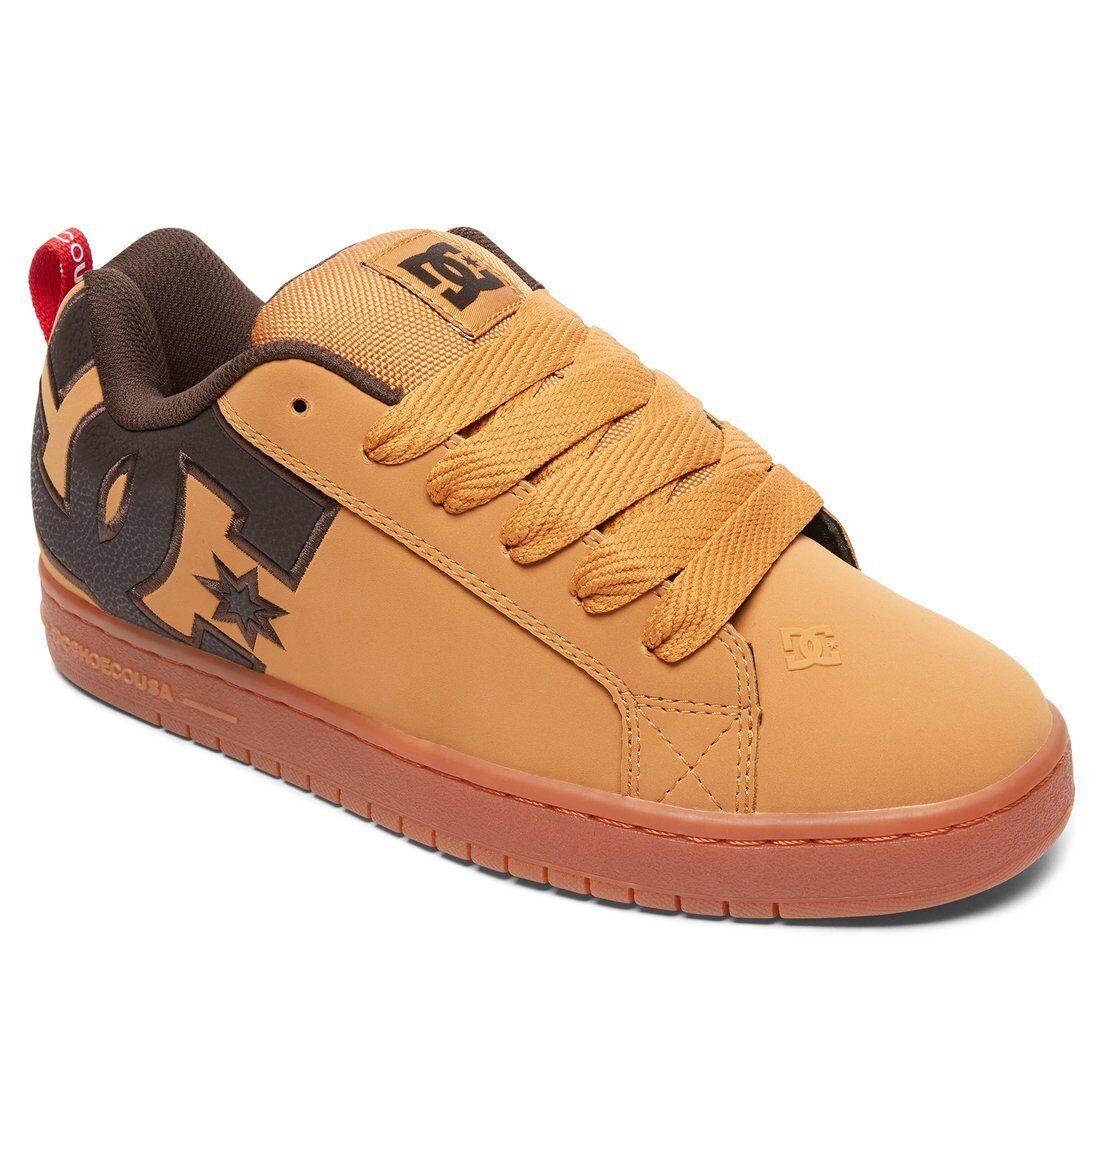 dc cour graffik se chaussures à chaussures se nib blé café turc (tll) 251266